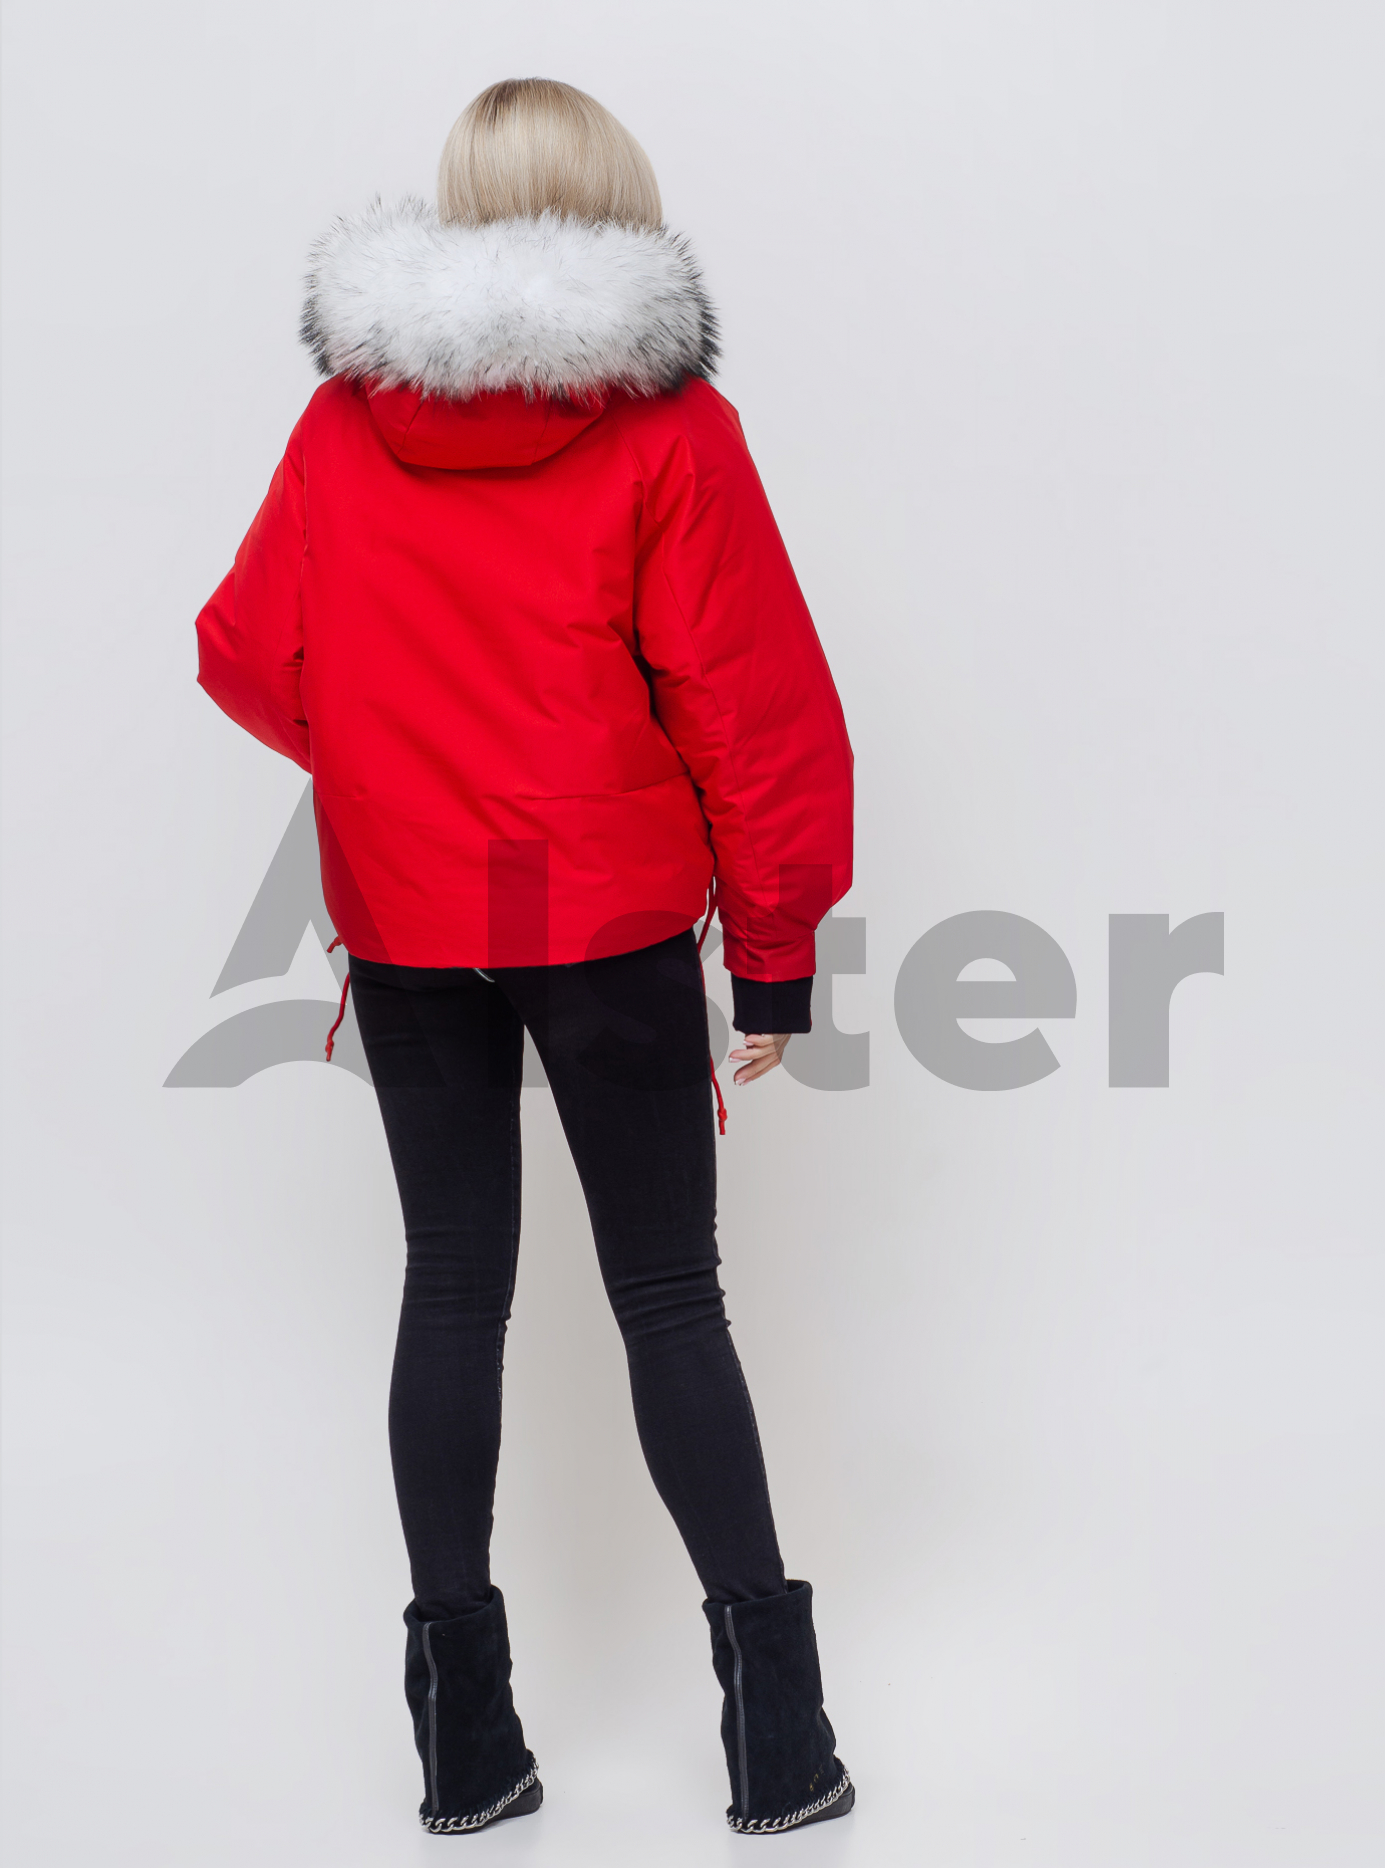 Жіноча зимова куртка з хутром Червоний L (05-SV201058): фото - Alster.ua